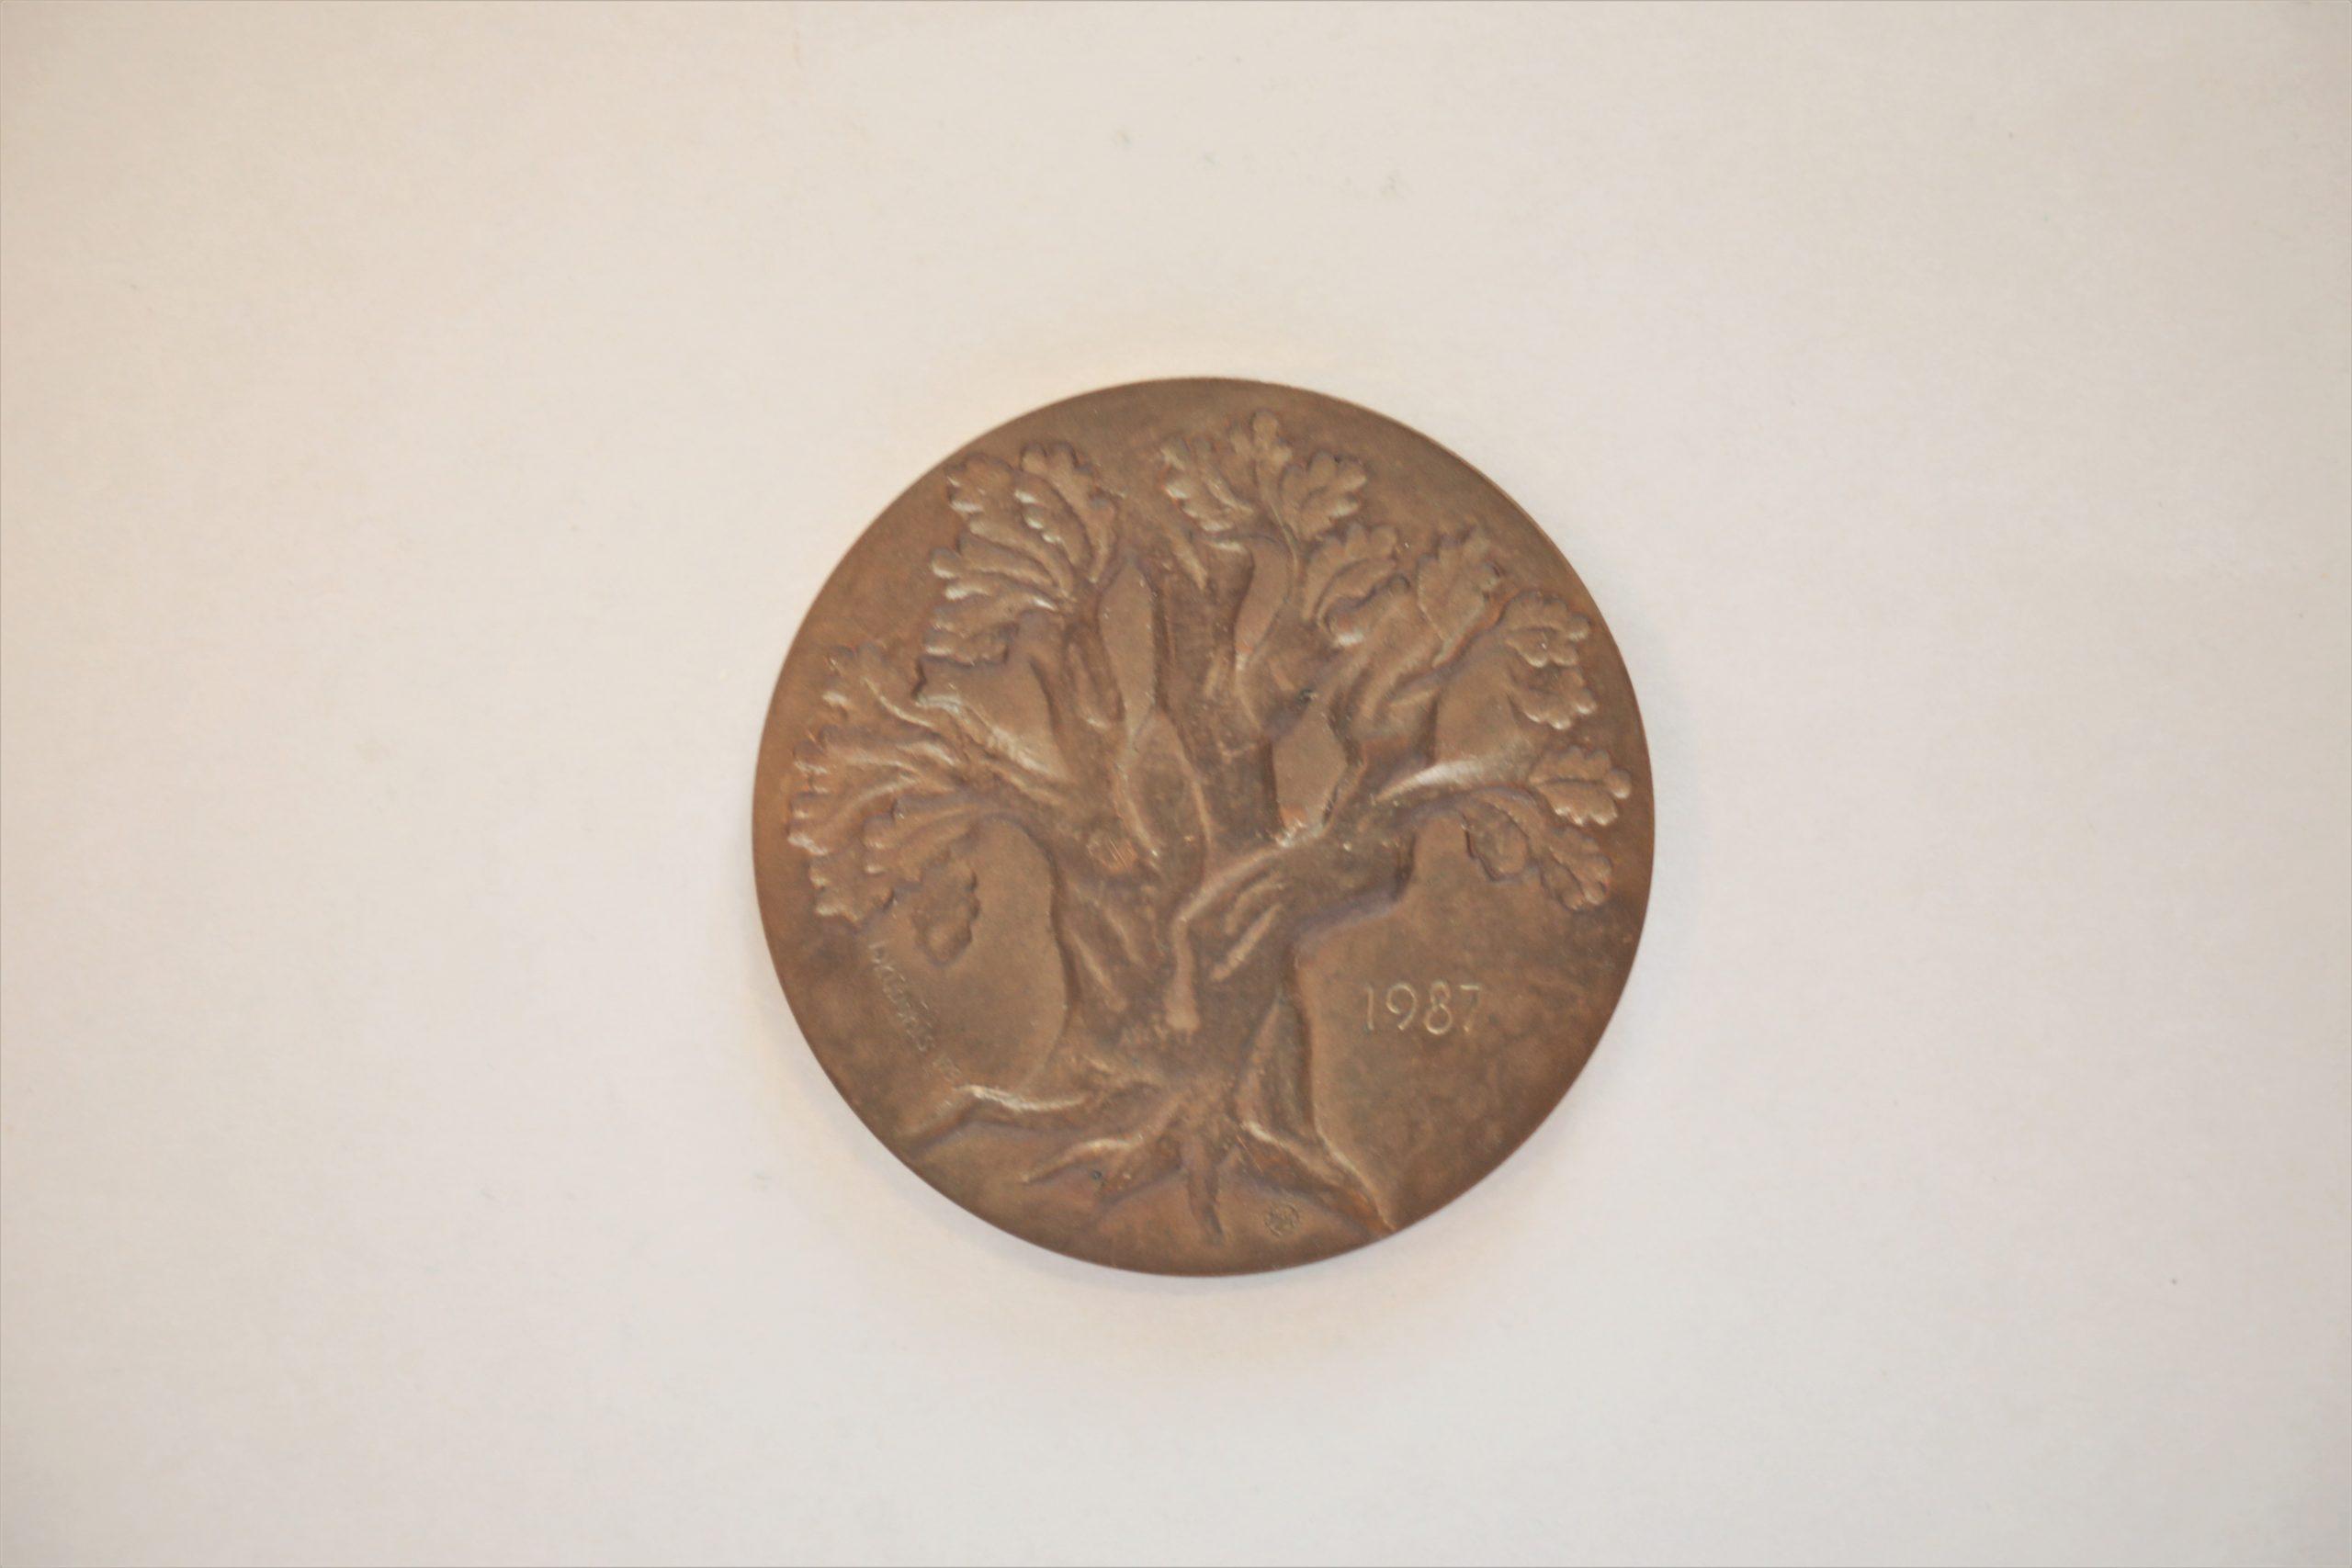 Medalis. Maironis. Reversas. Metalas. Dail. G. Jokūbonis